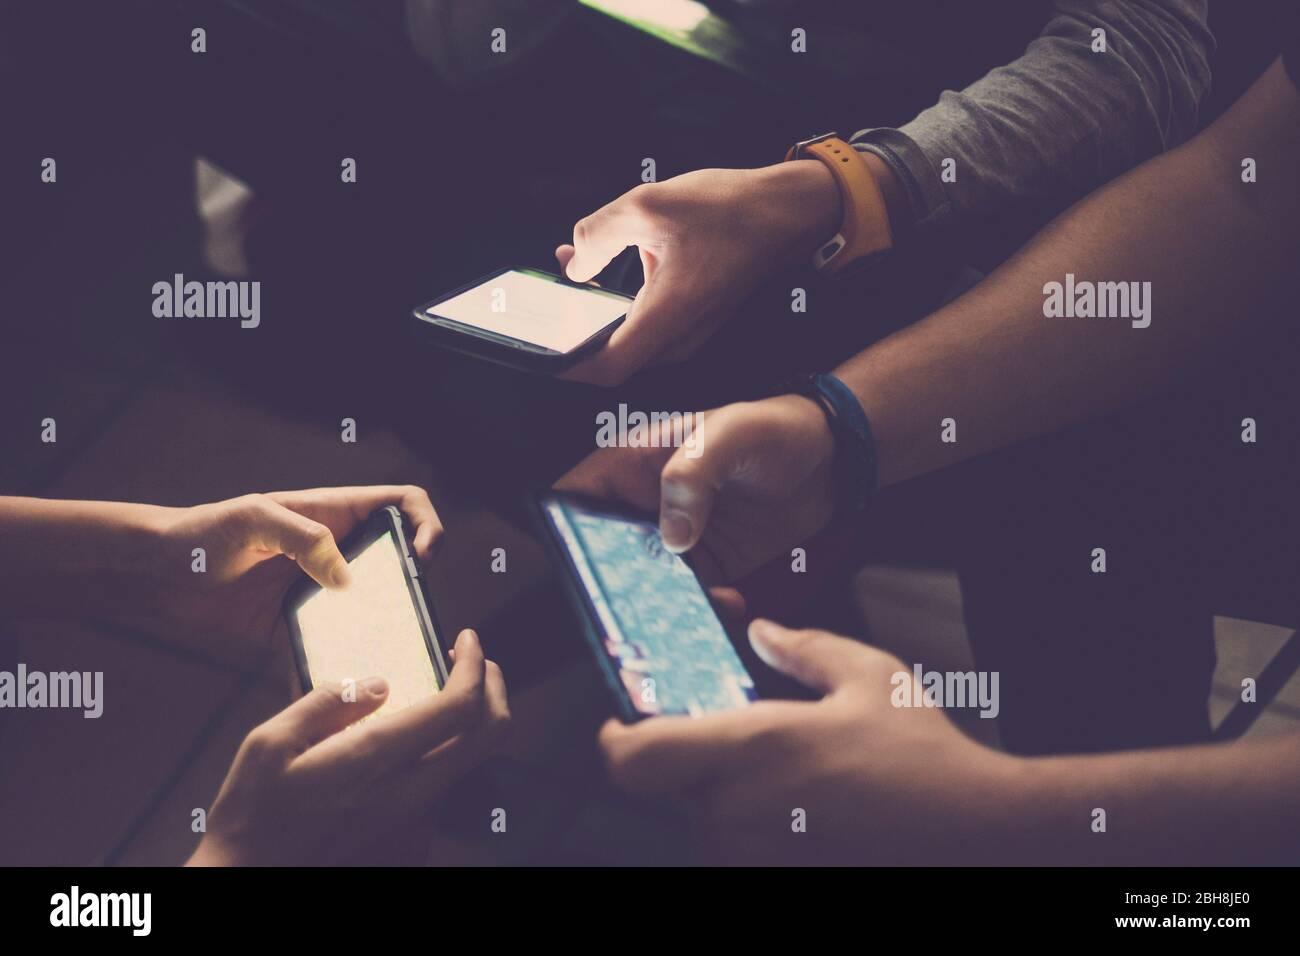 Drei junge kaukasische Teenager Männer spielen alle zusammen mit Handy-Gerät zu Videospielen wie Clan oder Team - übliche Aktivität für Millennial Menschen zu Hause - Technologie-süchtig Menschen Konzept Stockfoto